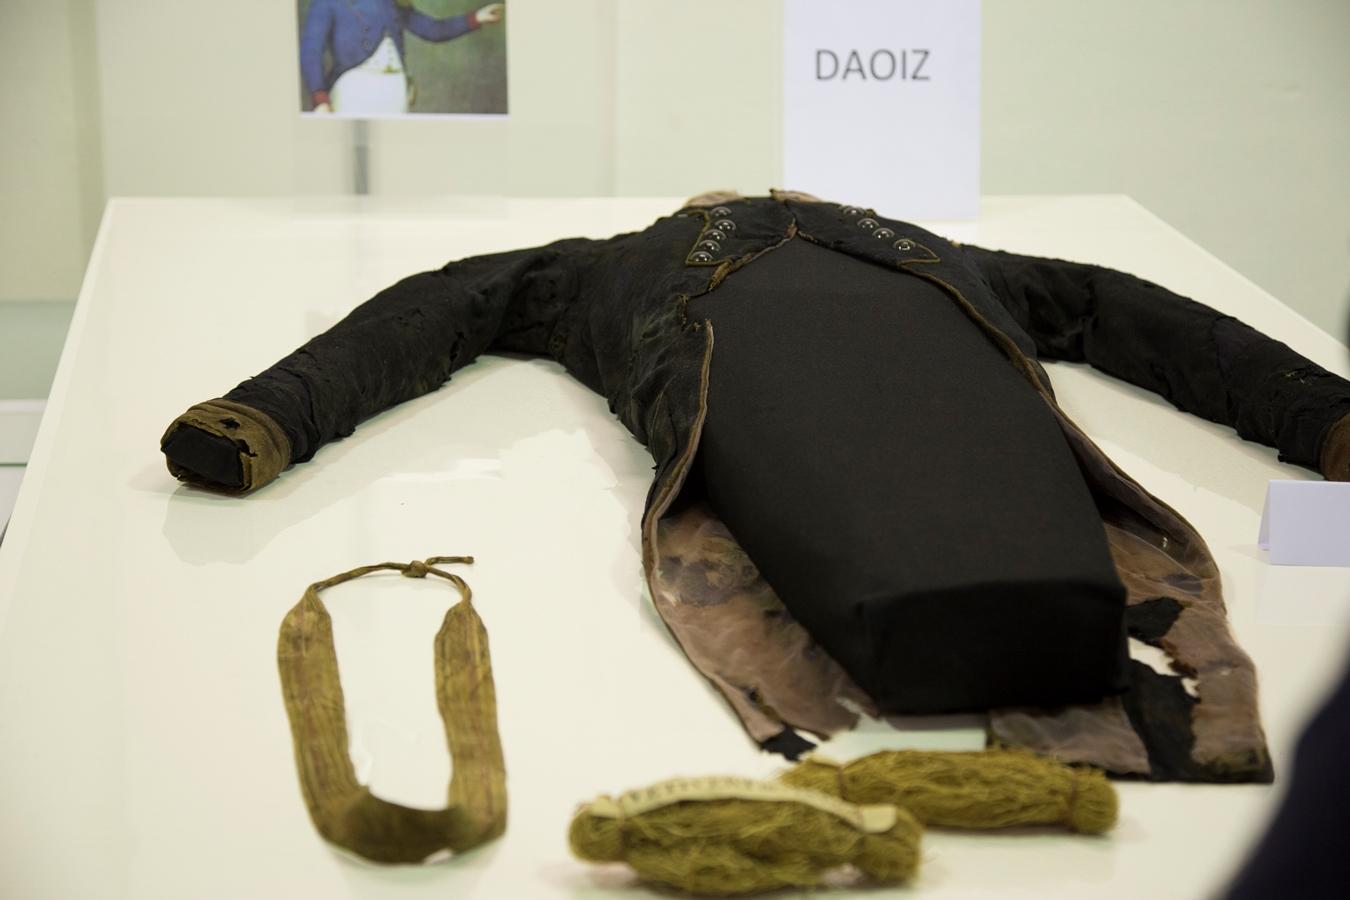 La casaca de Luis Daoíz y el 'falso' sudario de Velarde, protagonistas en el Museo del Ejército